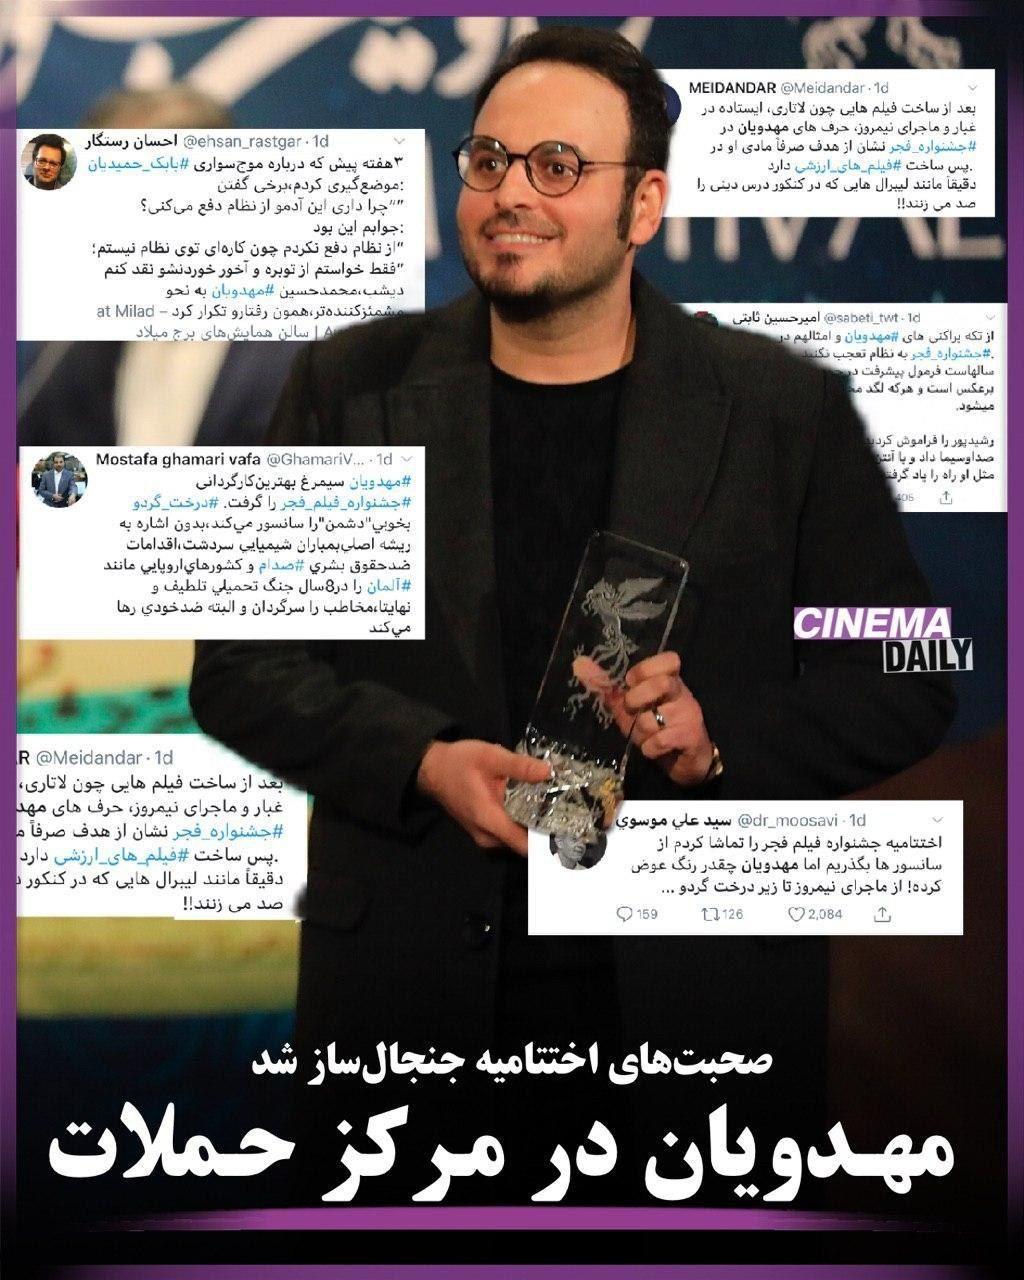 مهدویان در مرکز حملات: افزایش انتقادات فعالان اصولگرا از کارگردان «درخت گردو» بعد از اختتامیه جشنواره فجر